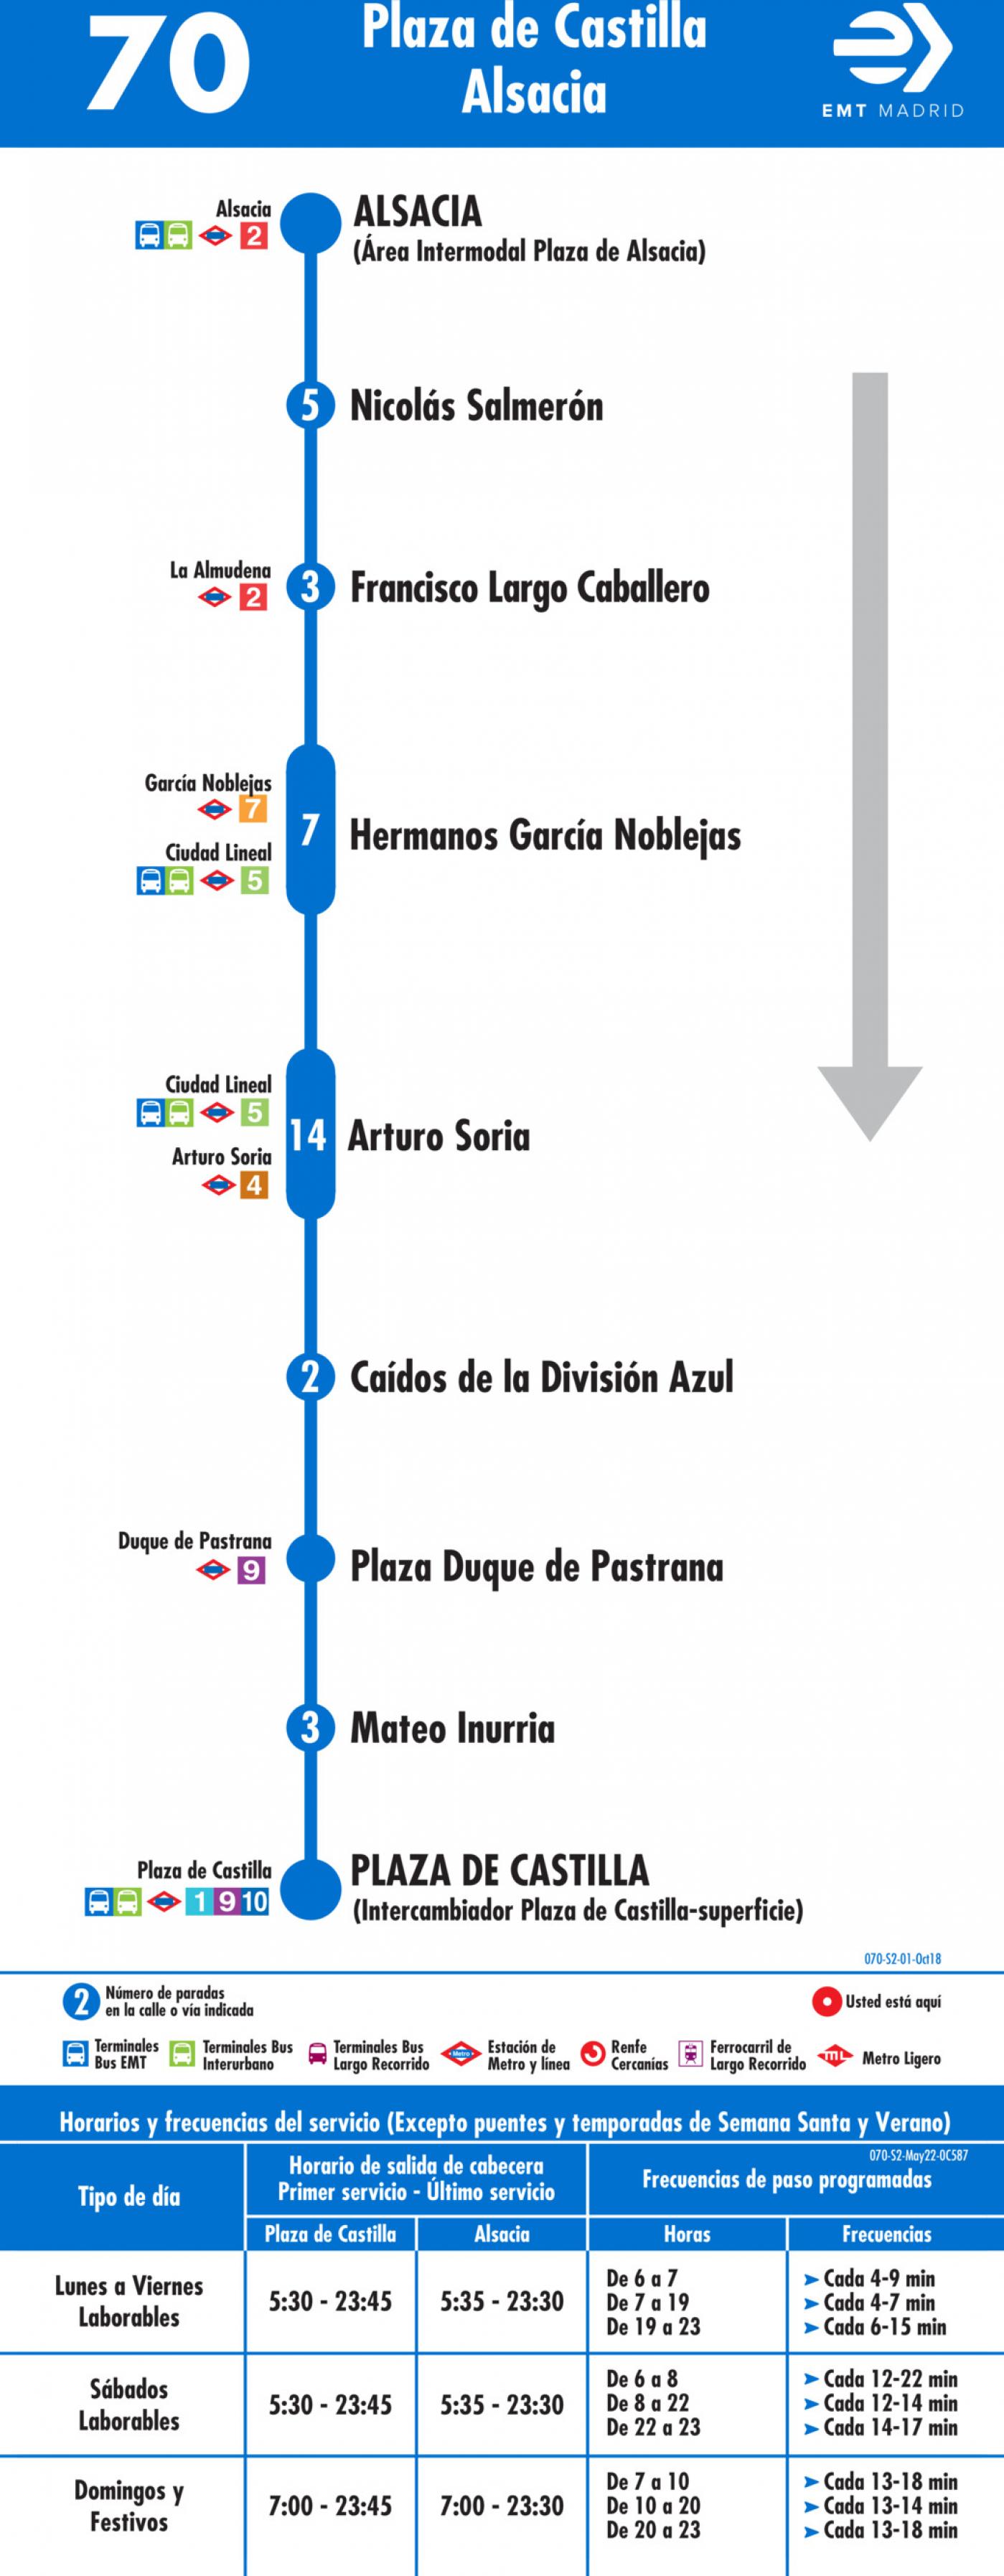 Tabla de horarios y frecuencias de paso en sentido vuelta Línea 70: Plaza de Castilla - Alsacia